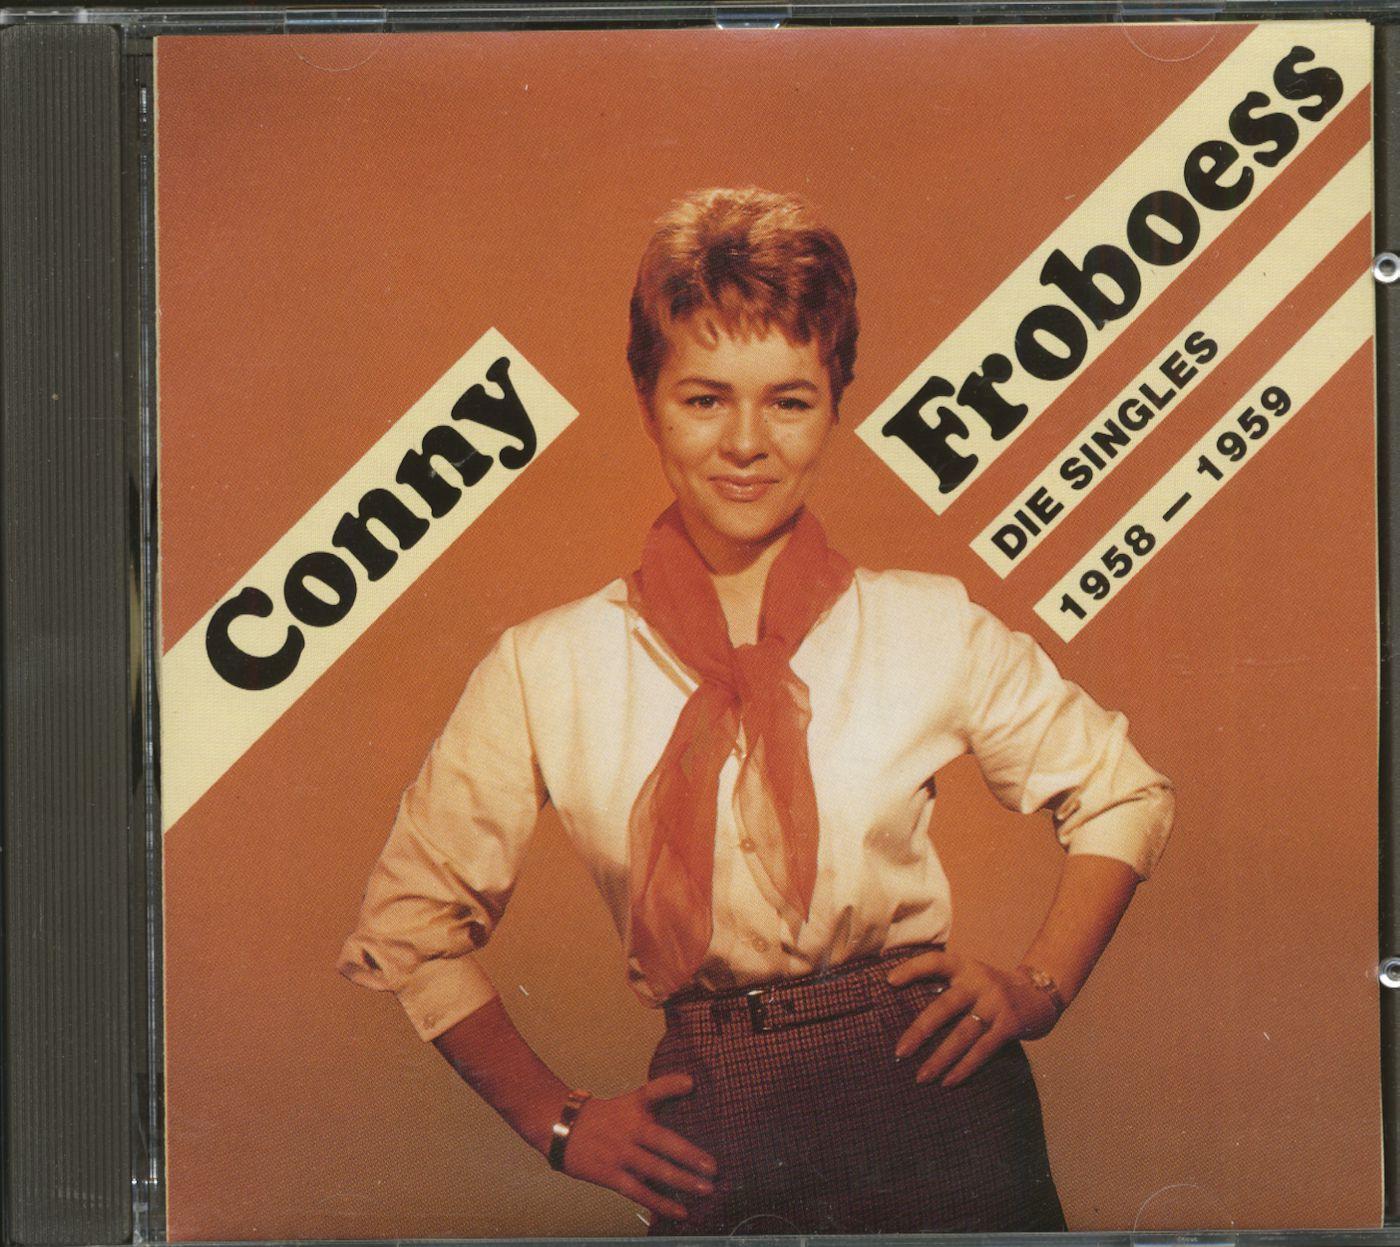 Conny Froboess Bilder conny froboess vol.1, die singles 1958-59